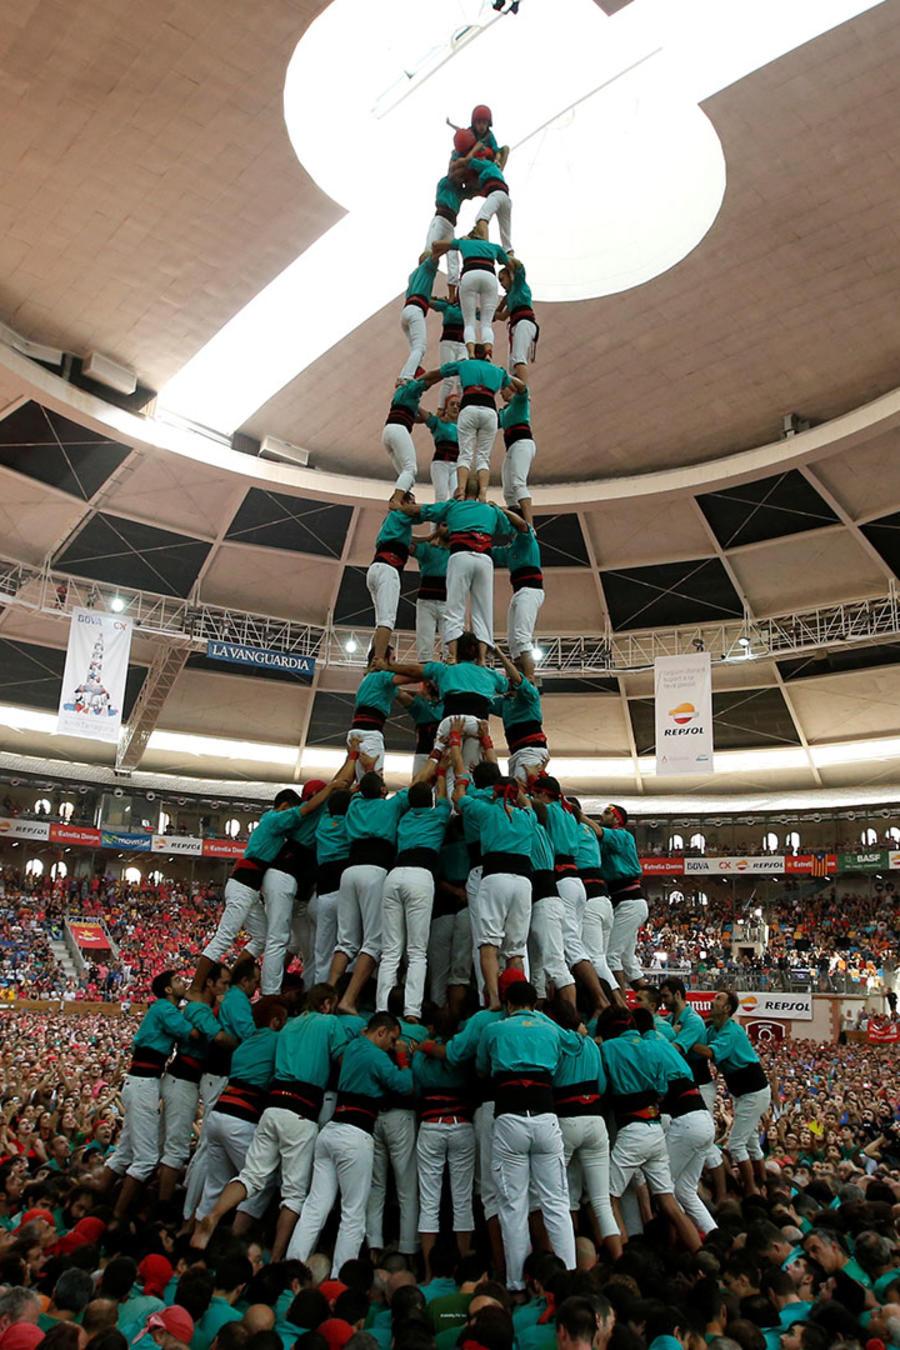 Competencias de torres humanas en España